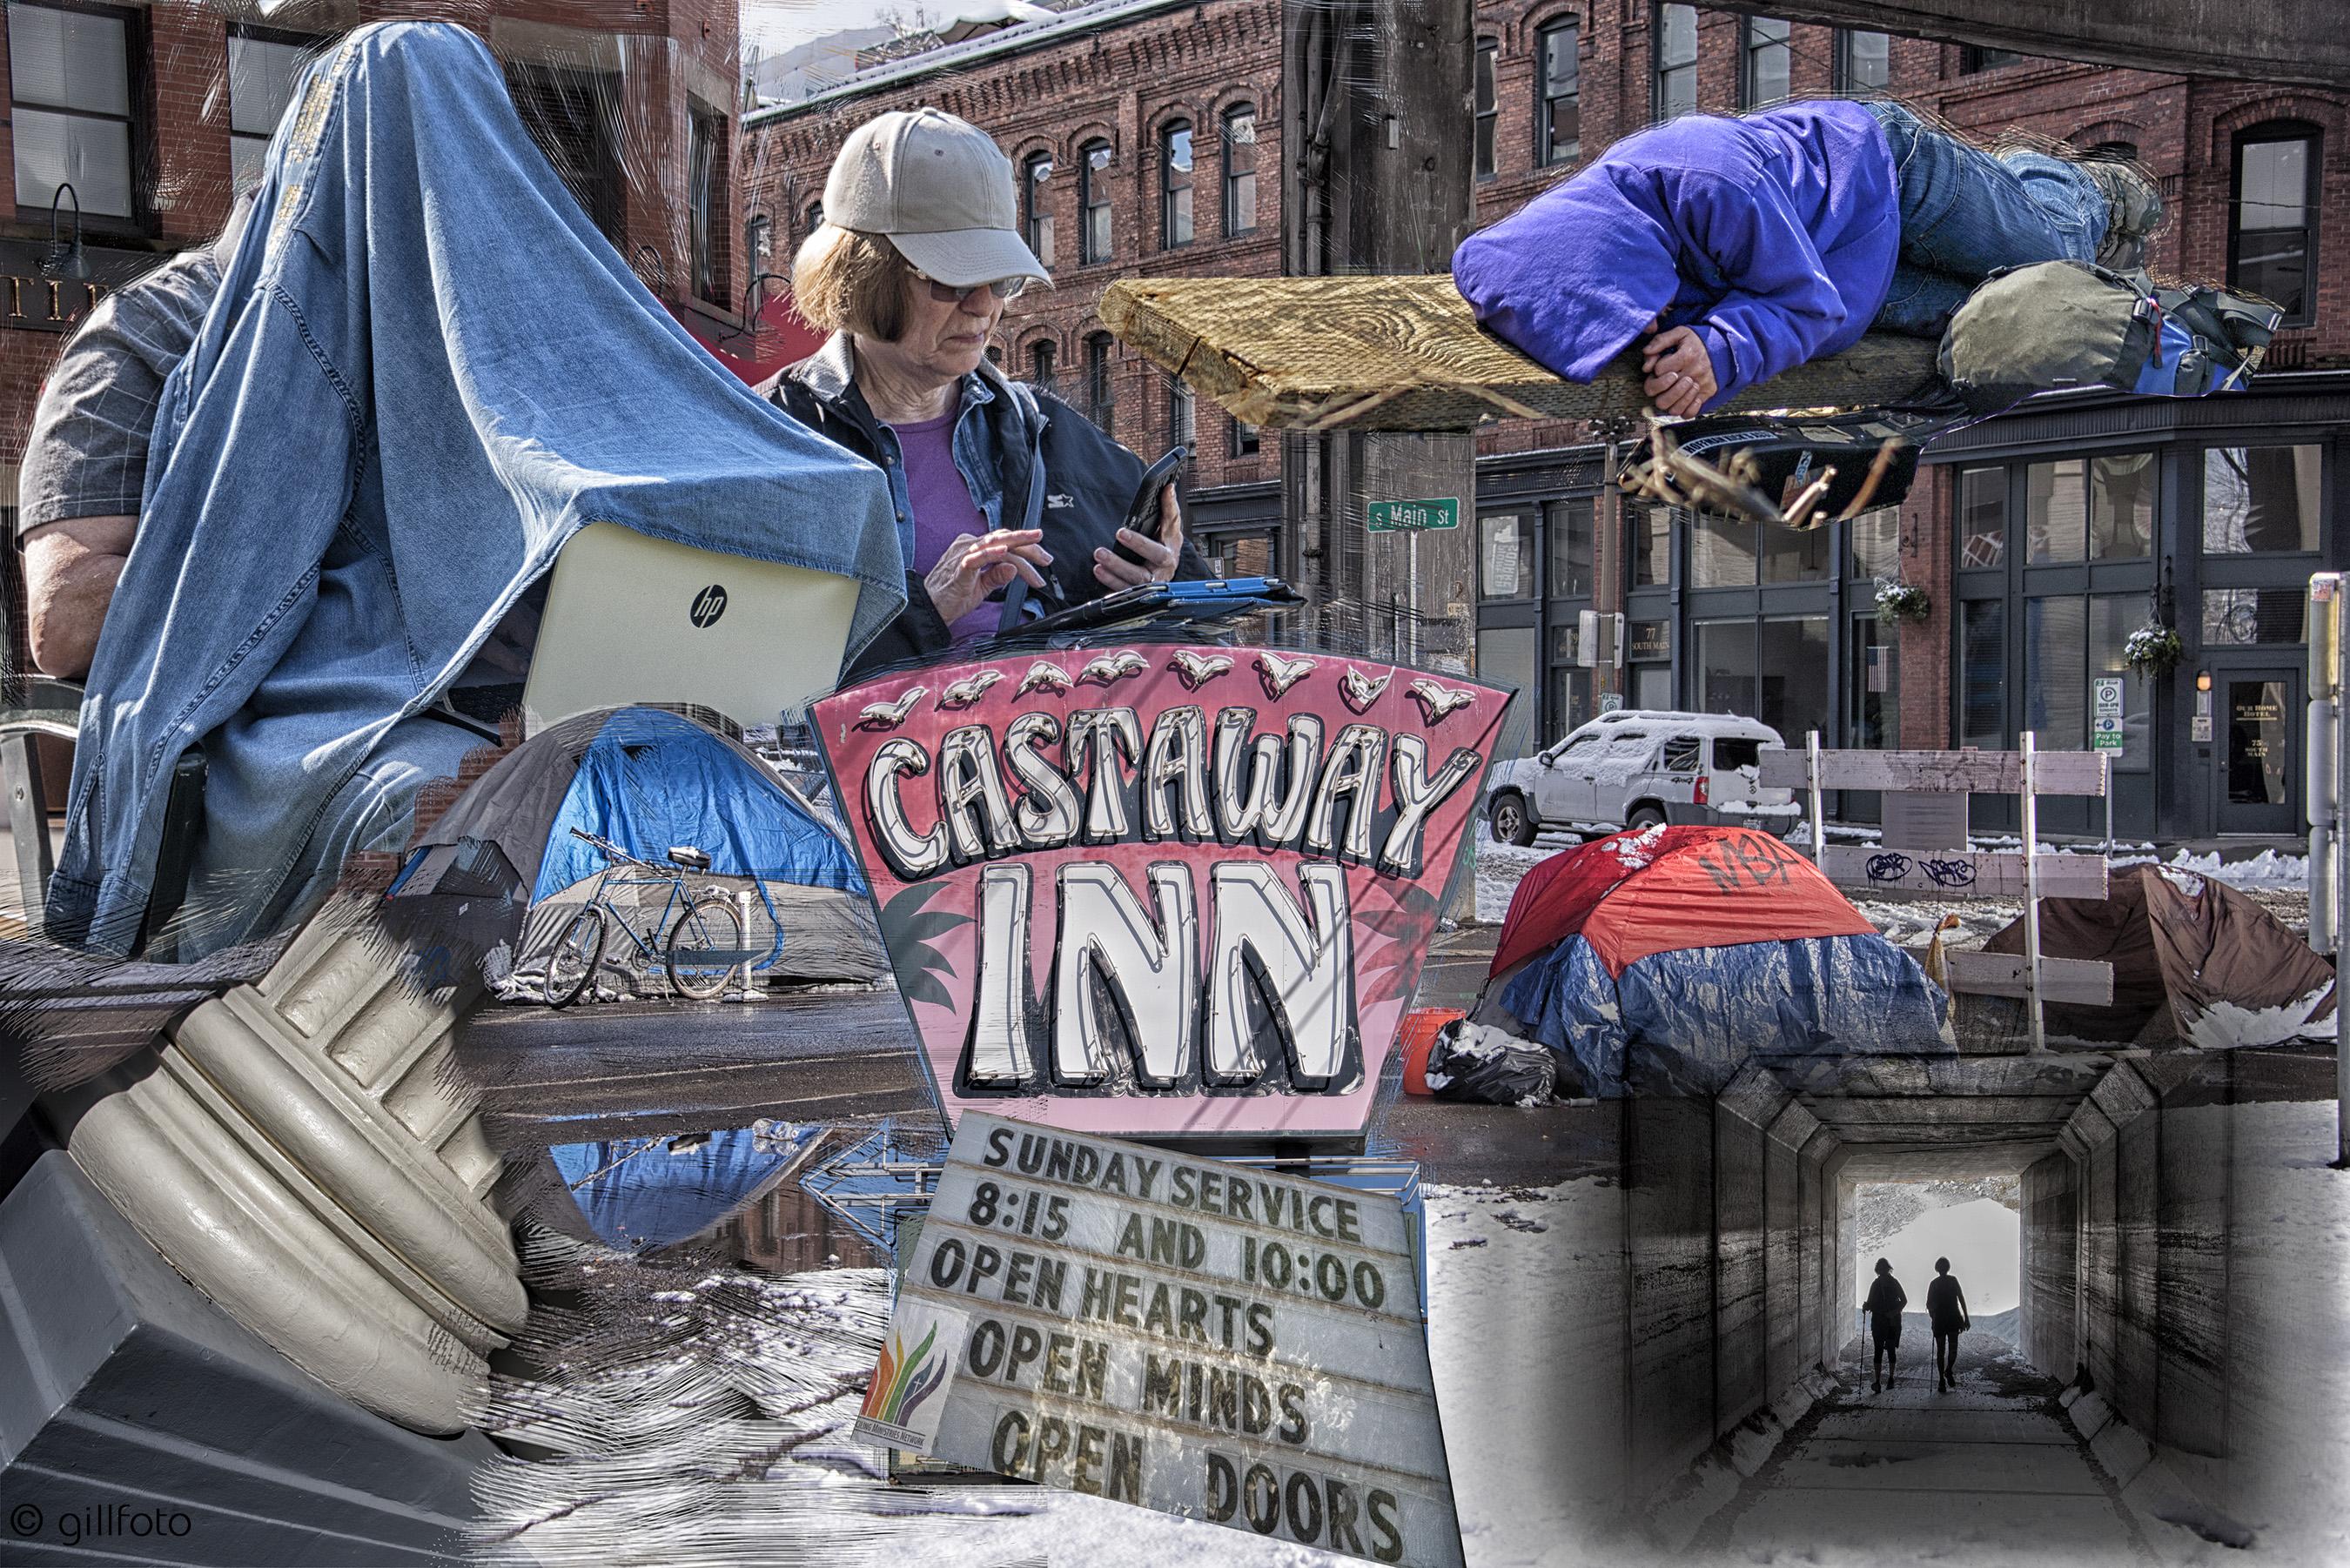 Homeless_Castaway_Rough.jpg